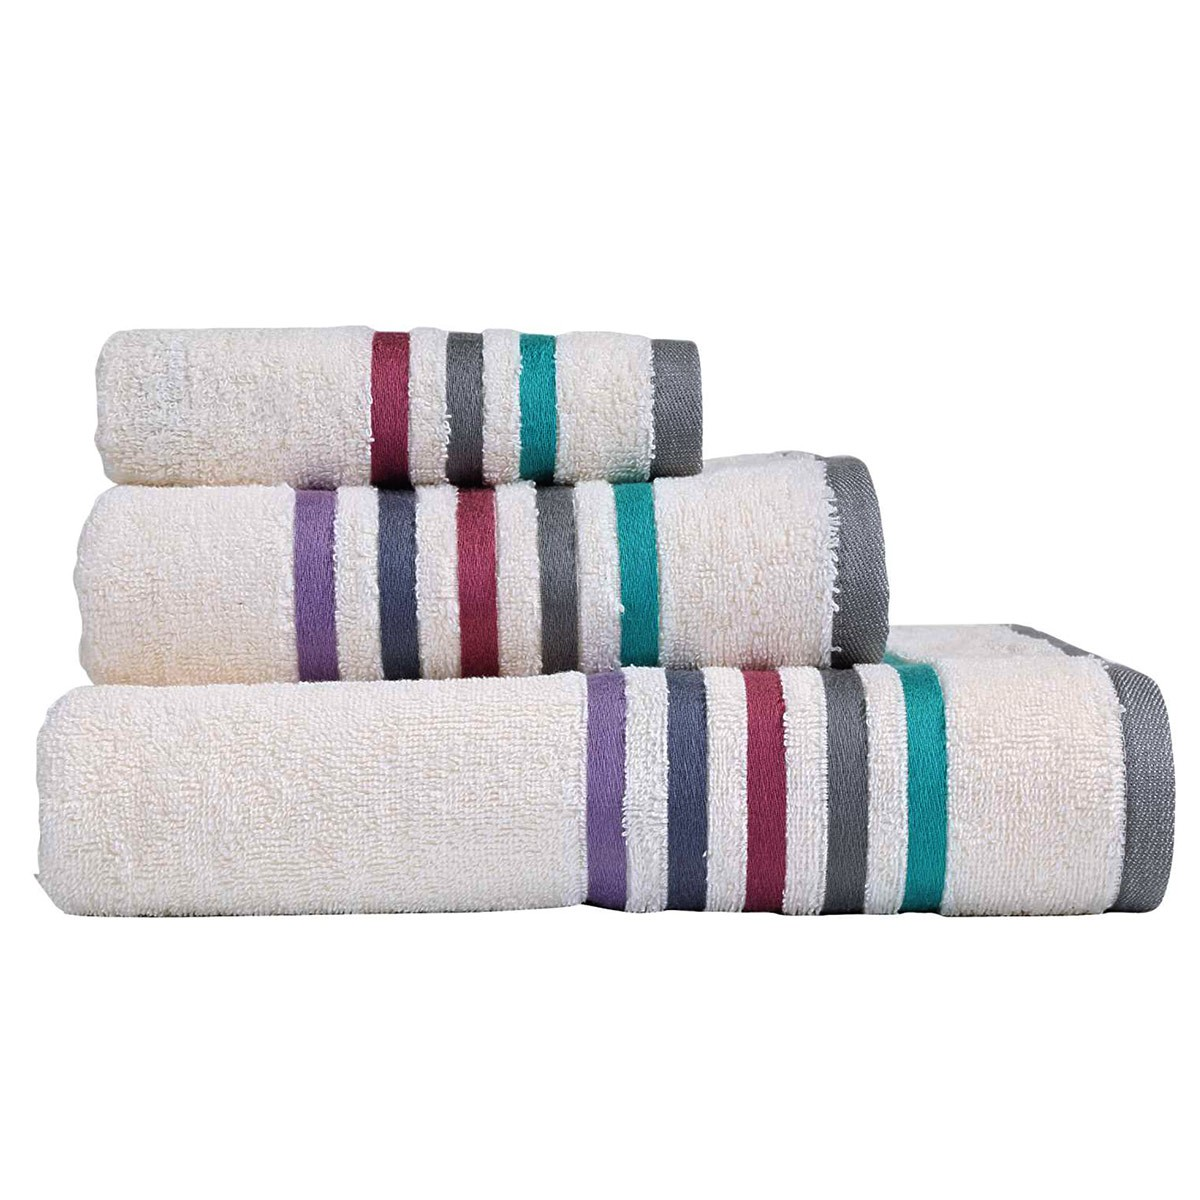 Πετσέτες Μπάνιου (Σετ) Nef-Nef Lines White